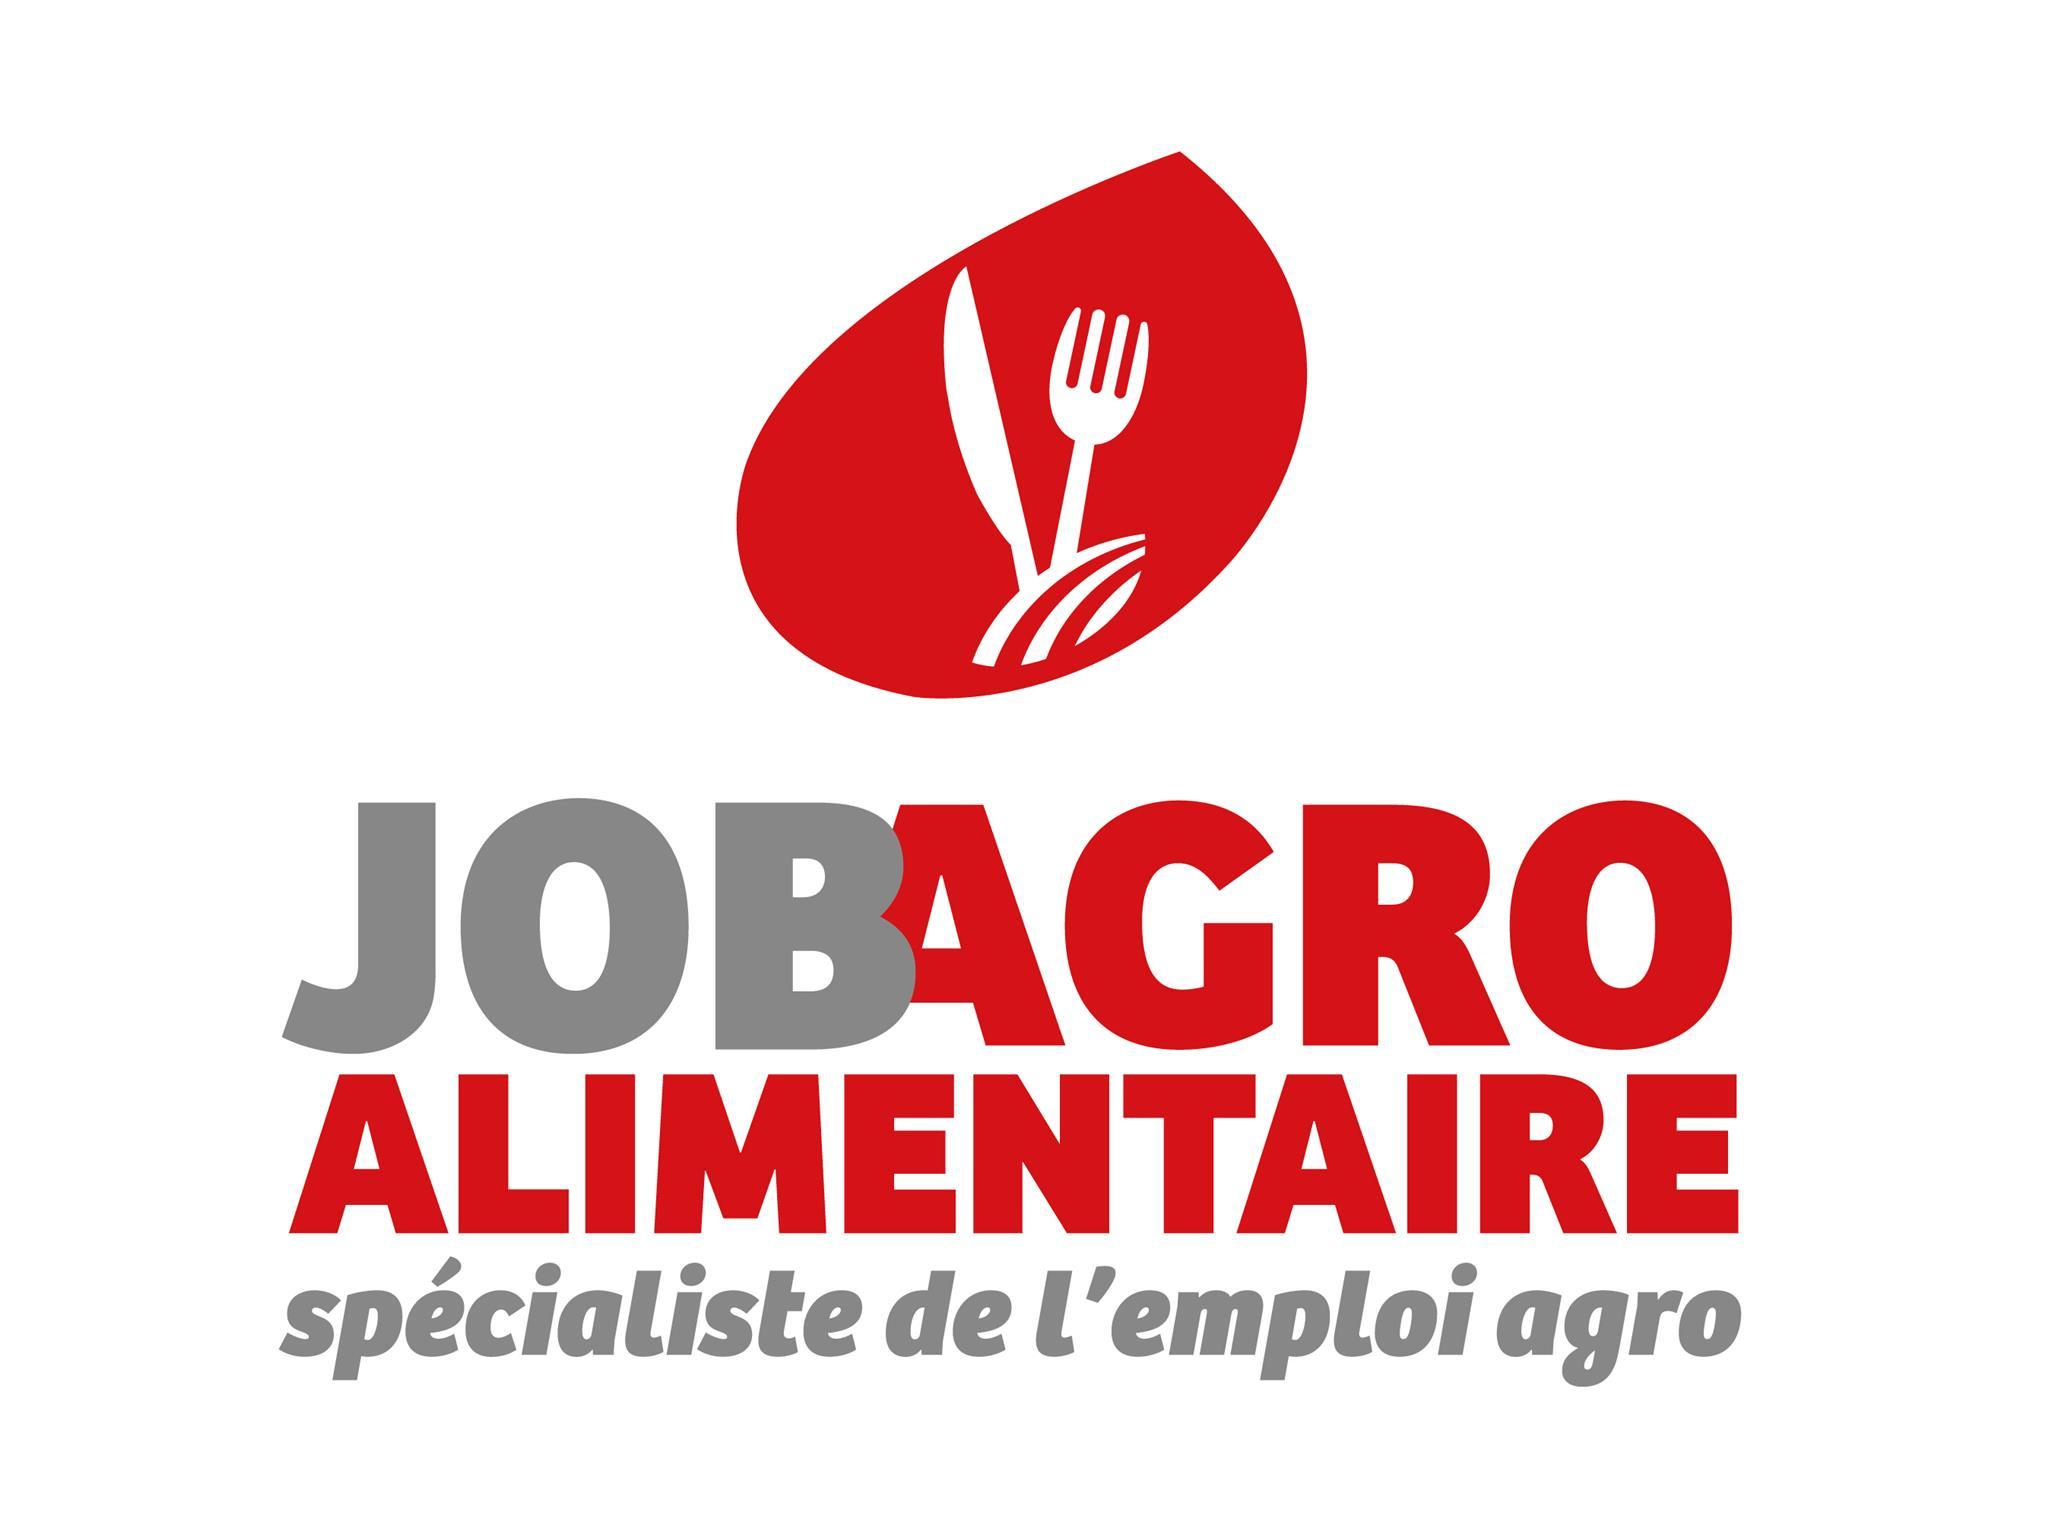 LOGO JOBAGROALIMENTAIRE